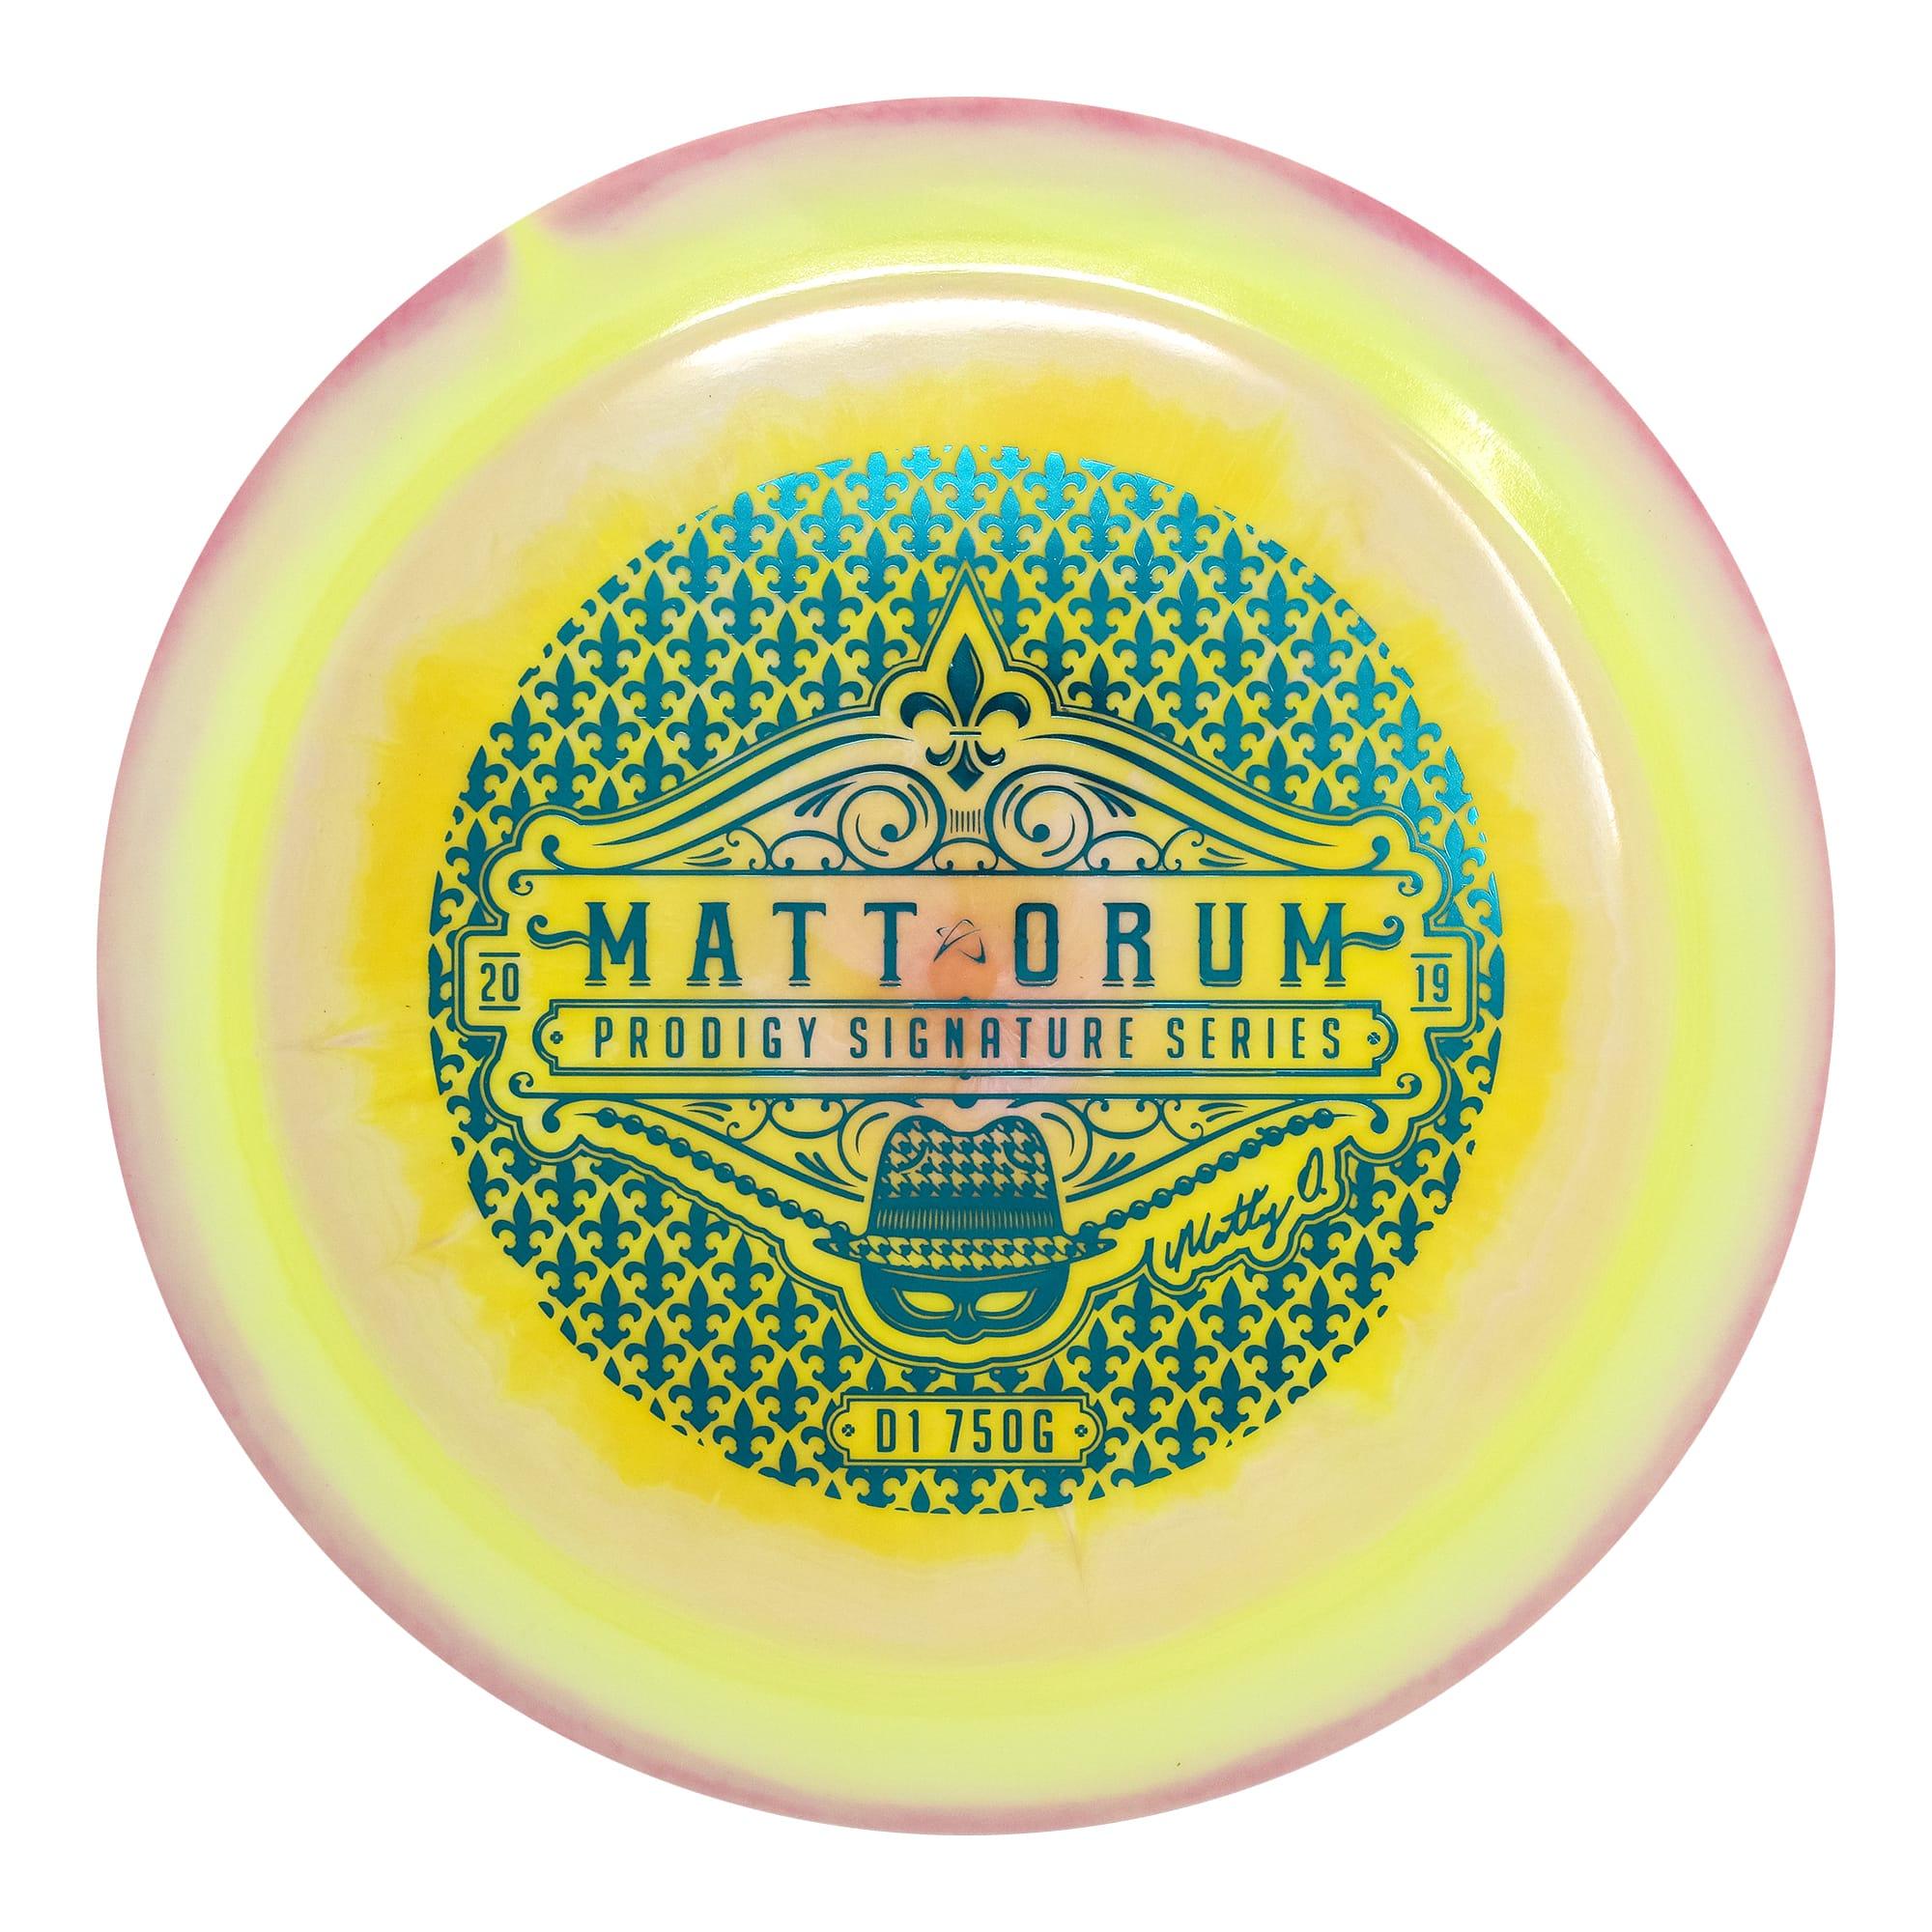 Matt_Orum_Special_Edition_Signature_Series_D1_750G_Thumbnailsprodigy-D1-750g-matt-orum-se-sig-pink-neon_OPT.jpg